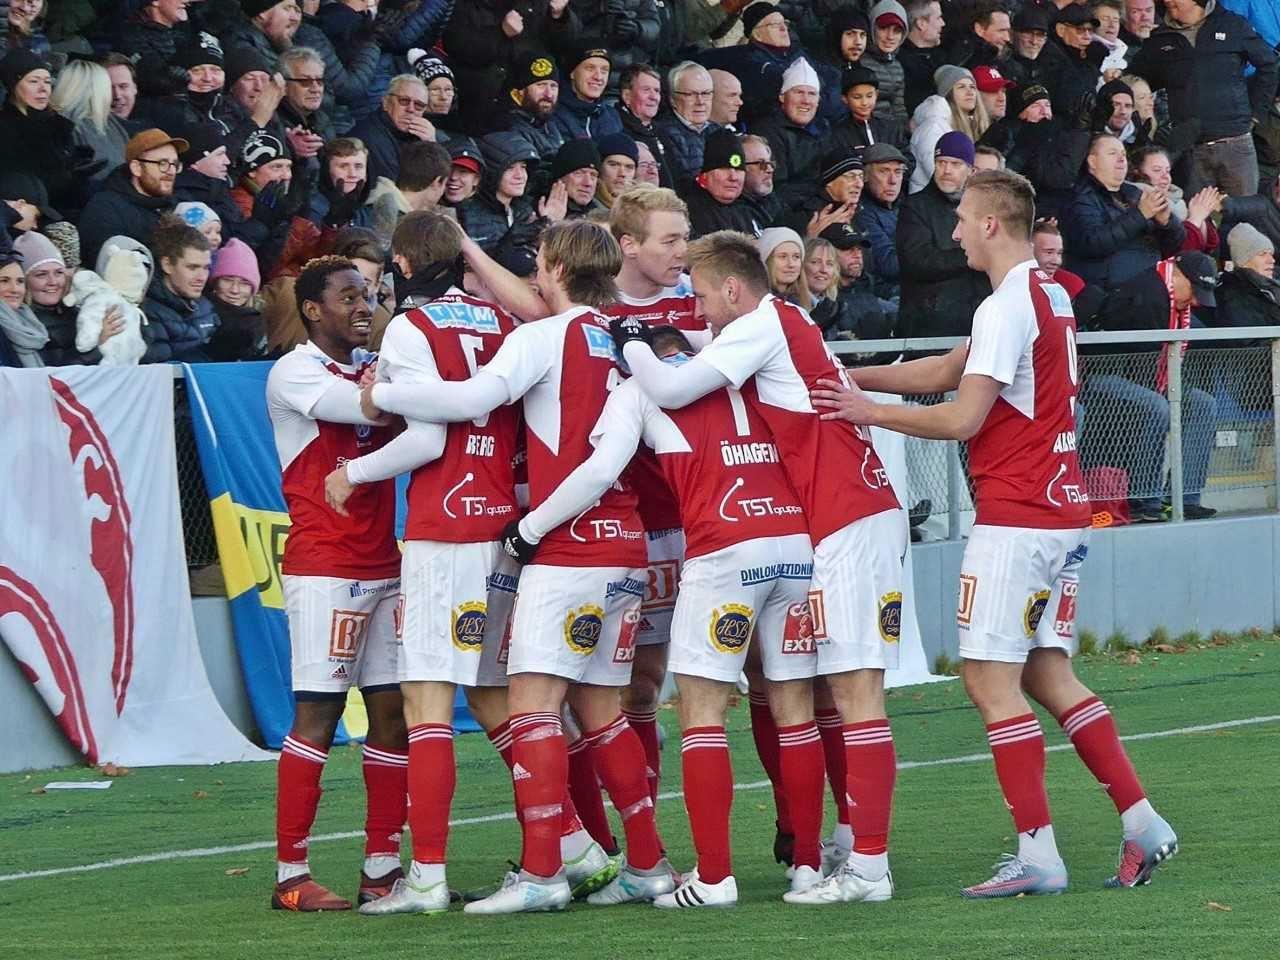 Sandvikens IF-Västerås SK